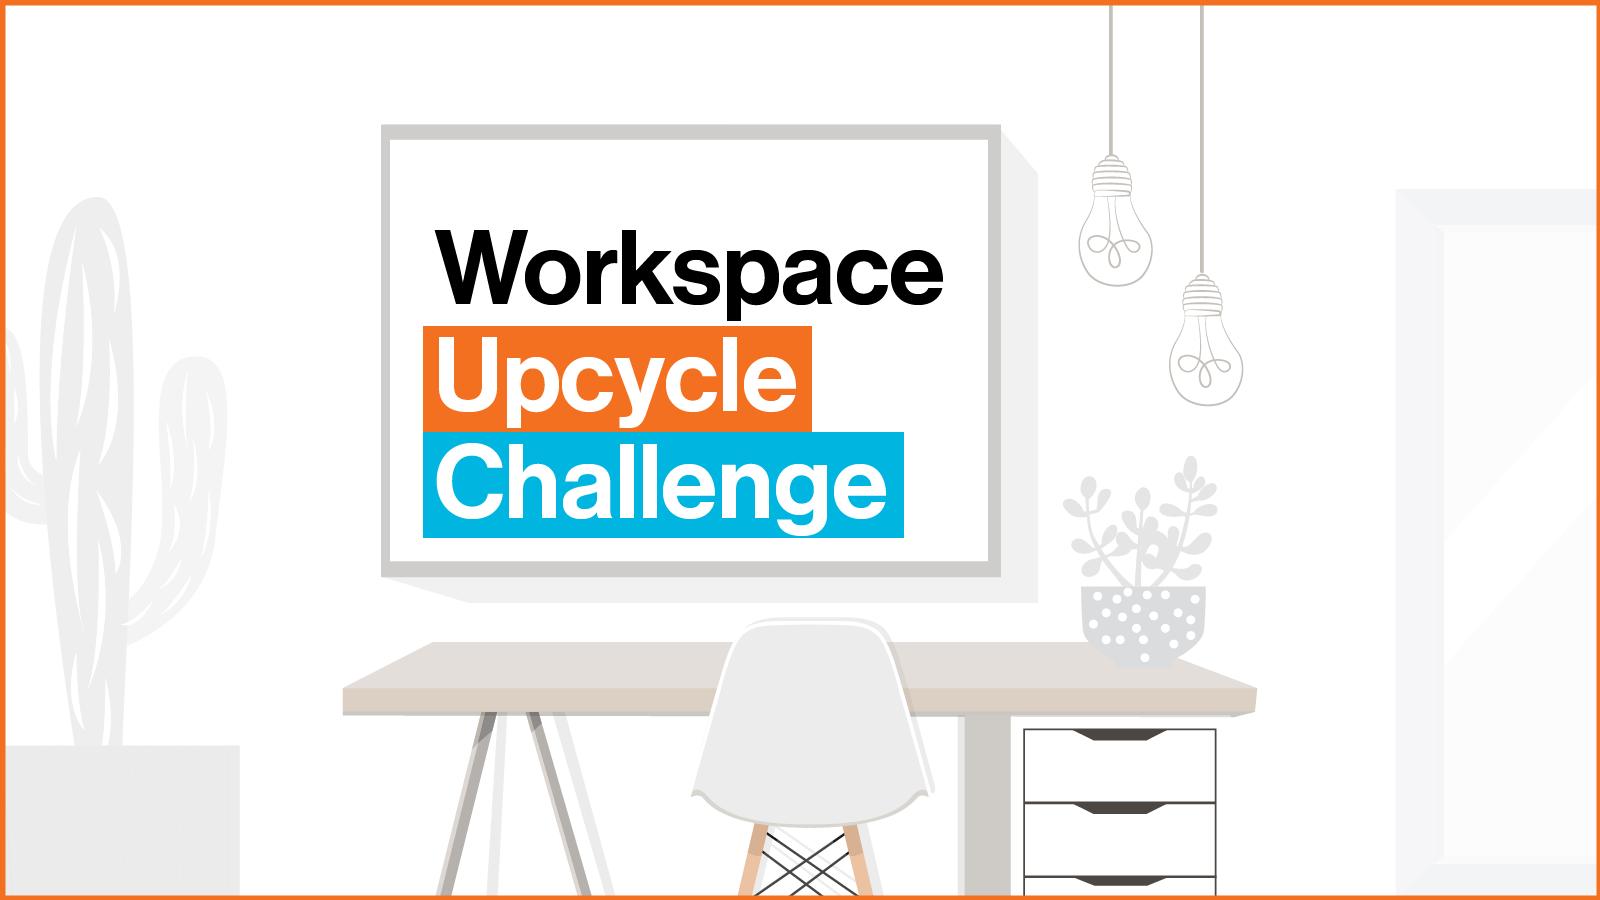 Workspace Upcycle Challenge